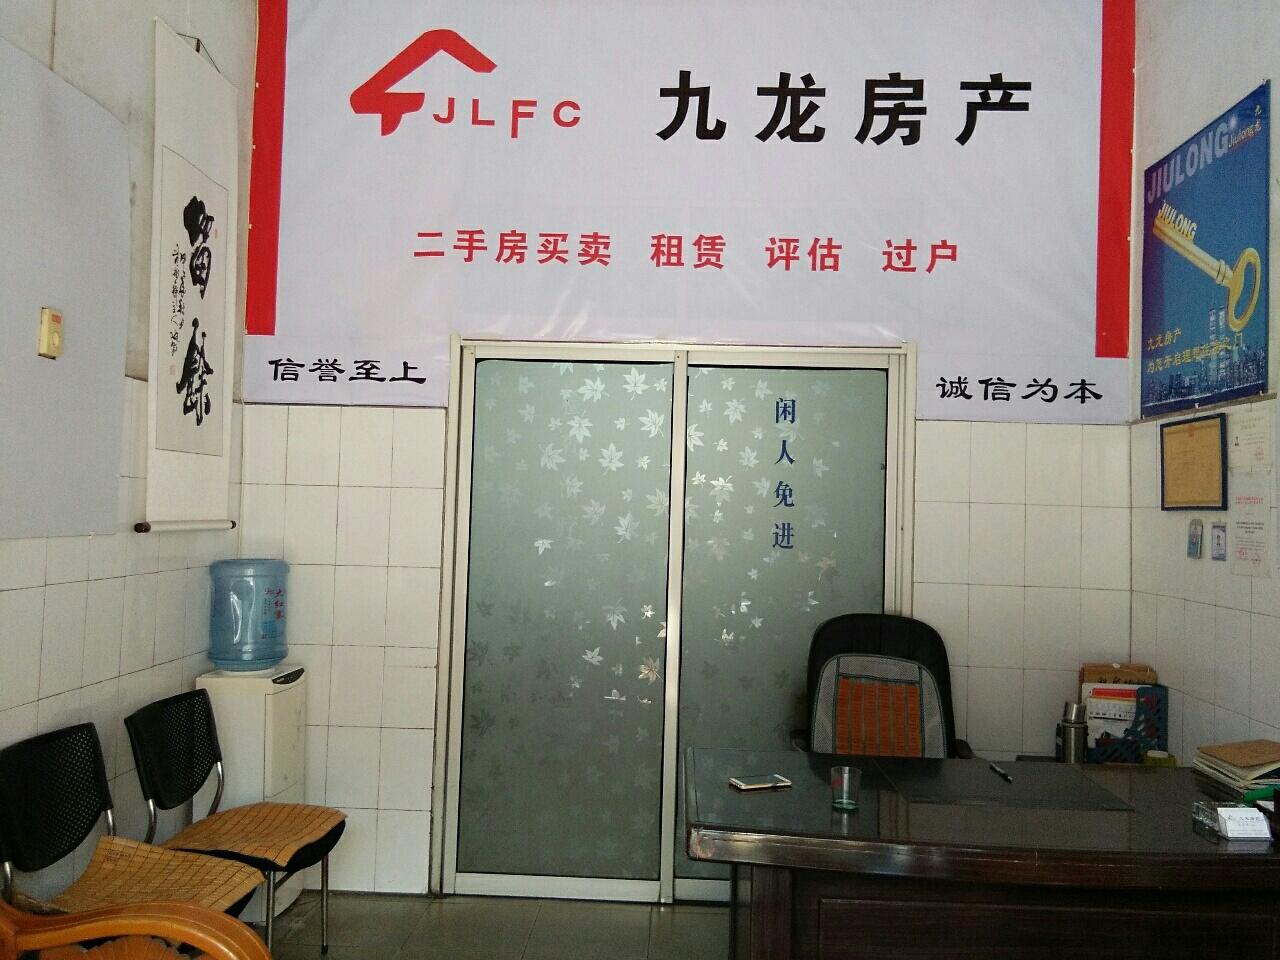 购物中心附近【219】3楼三室一厅2空调热水器3床950元